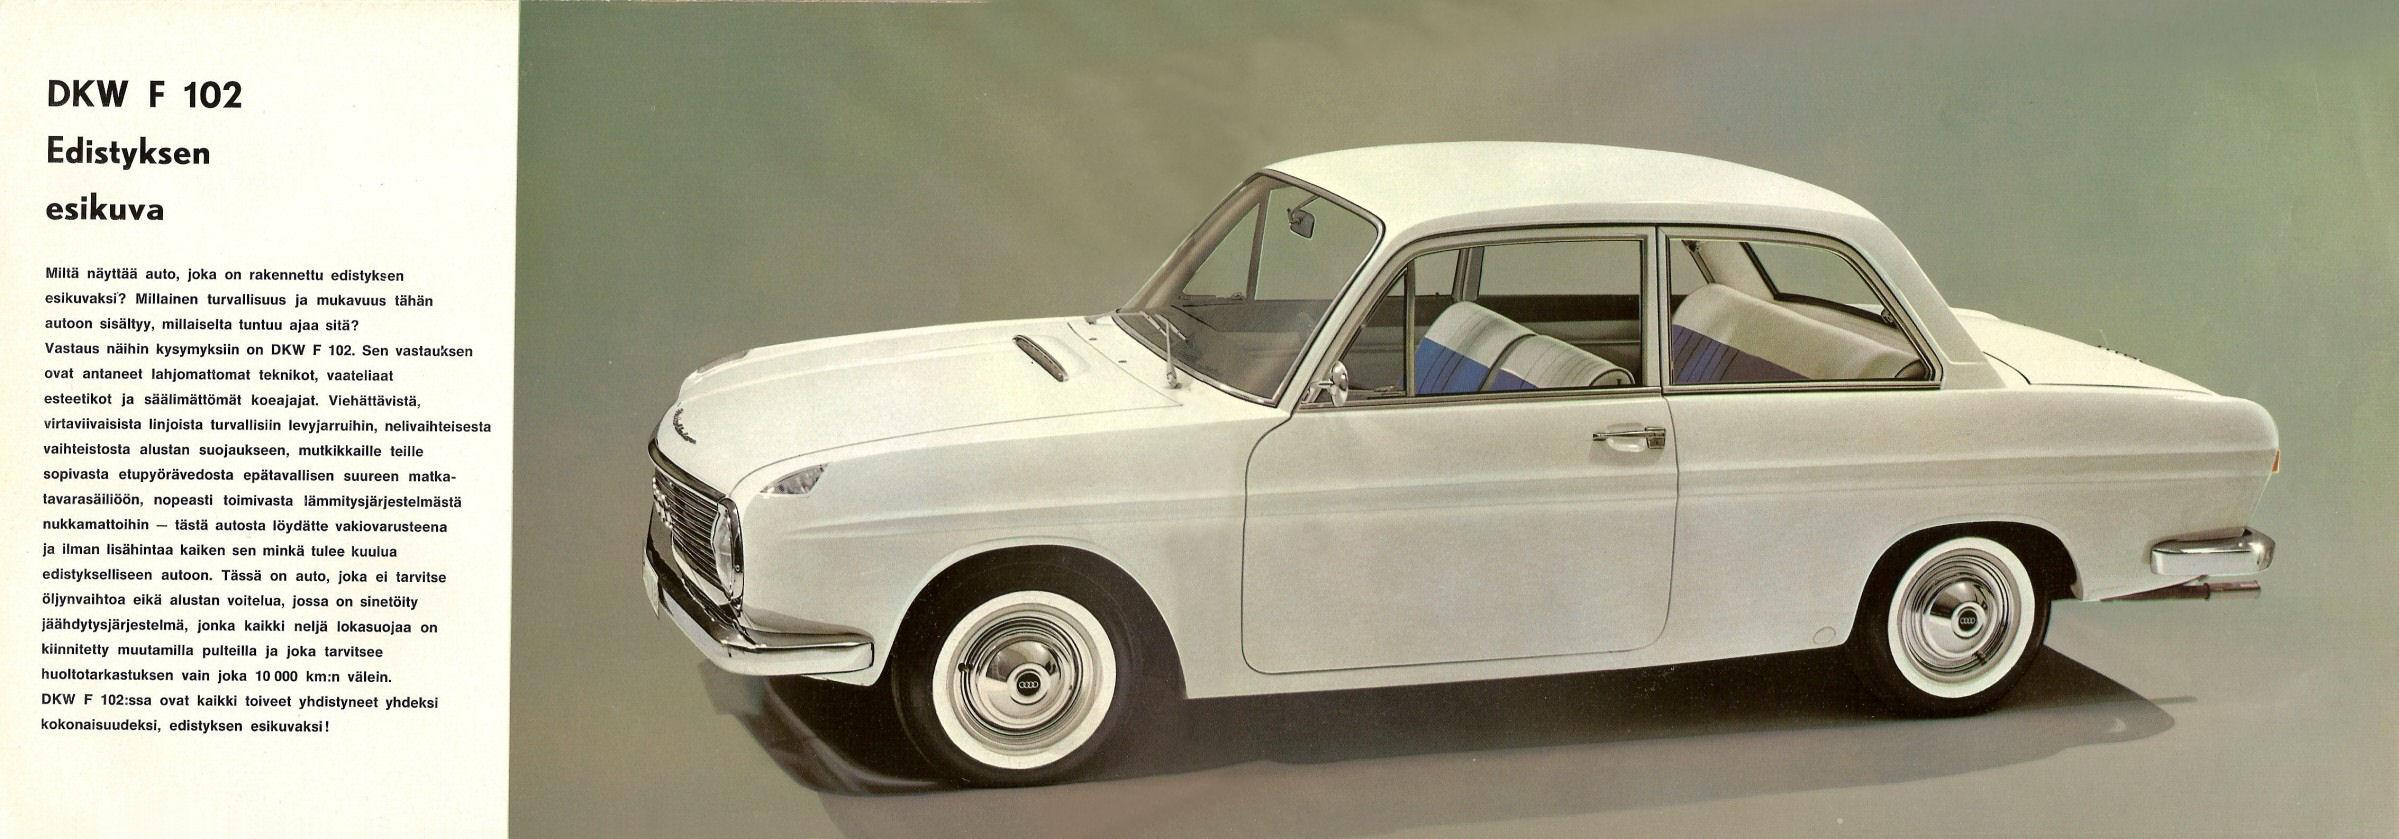 1963-66 DKW F102 brochure